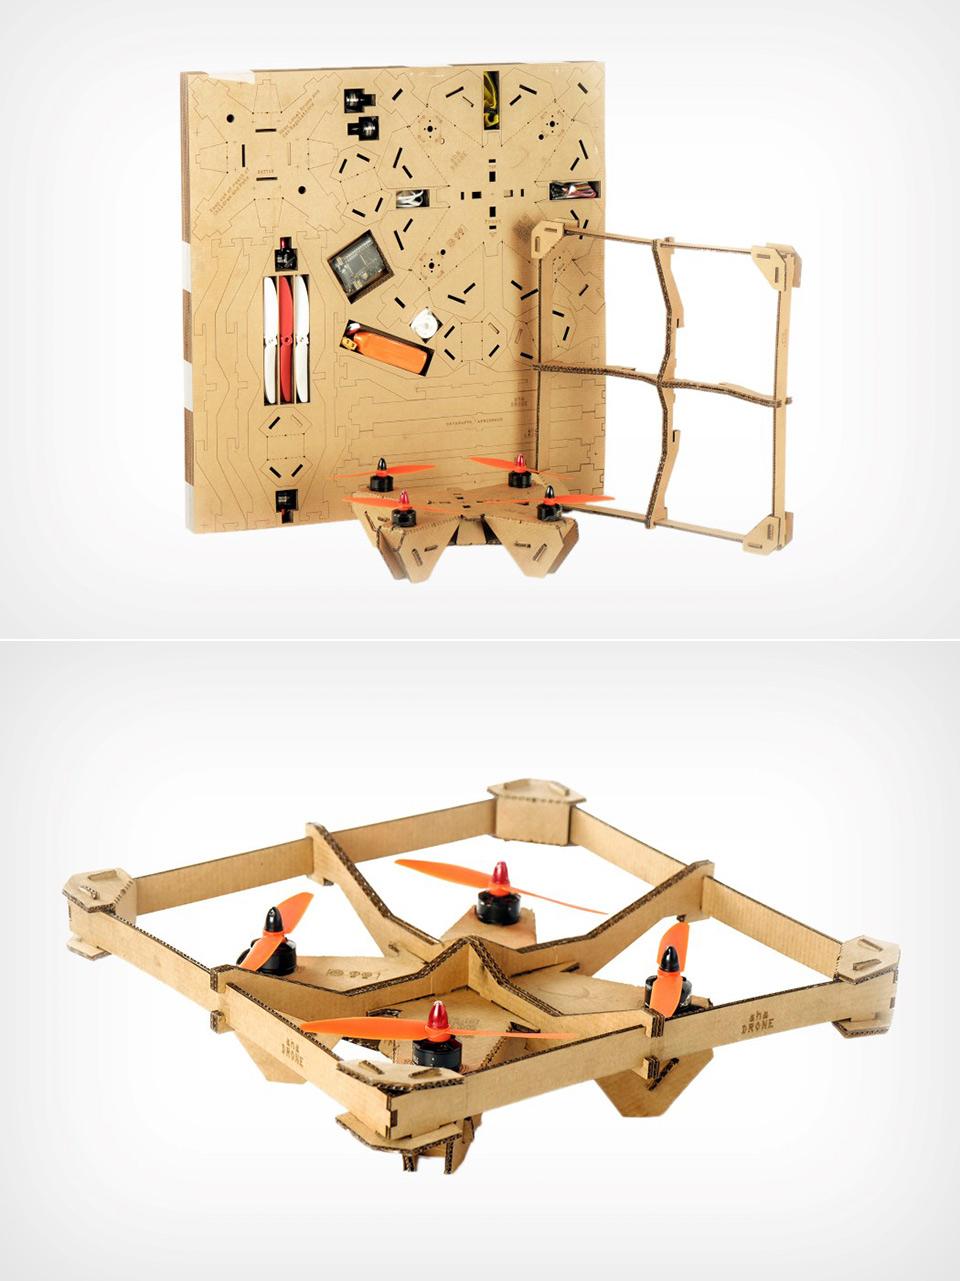 IKEA Cardboard Drone